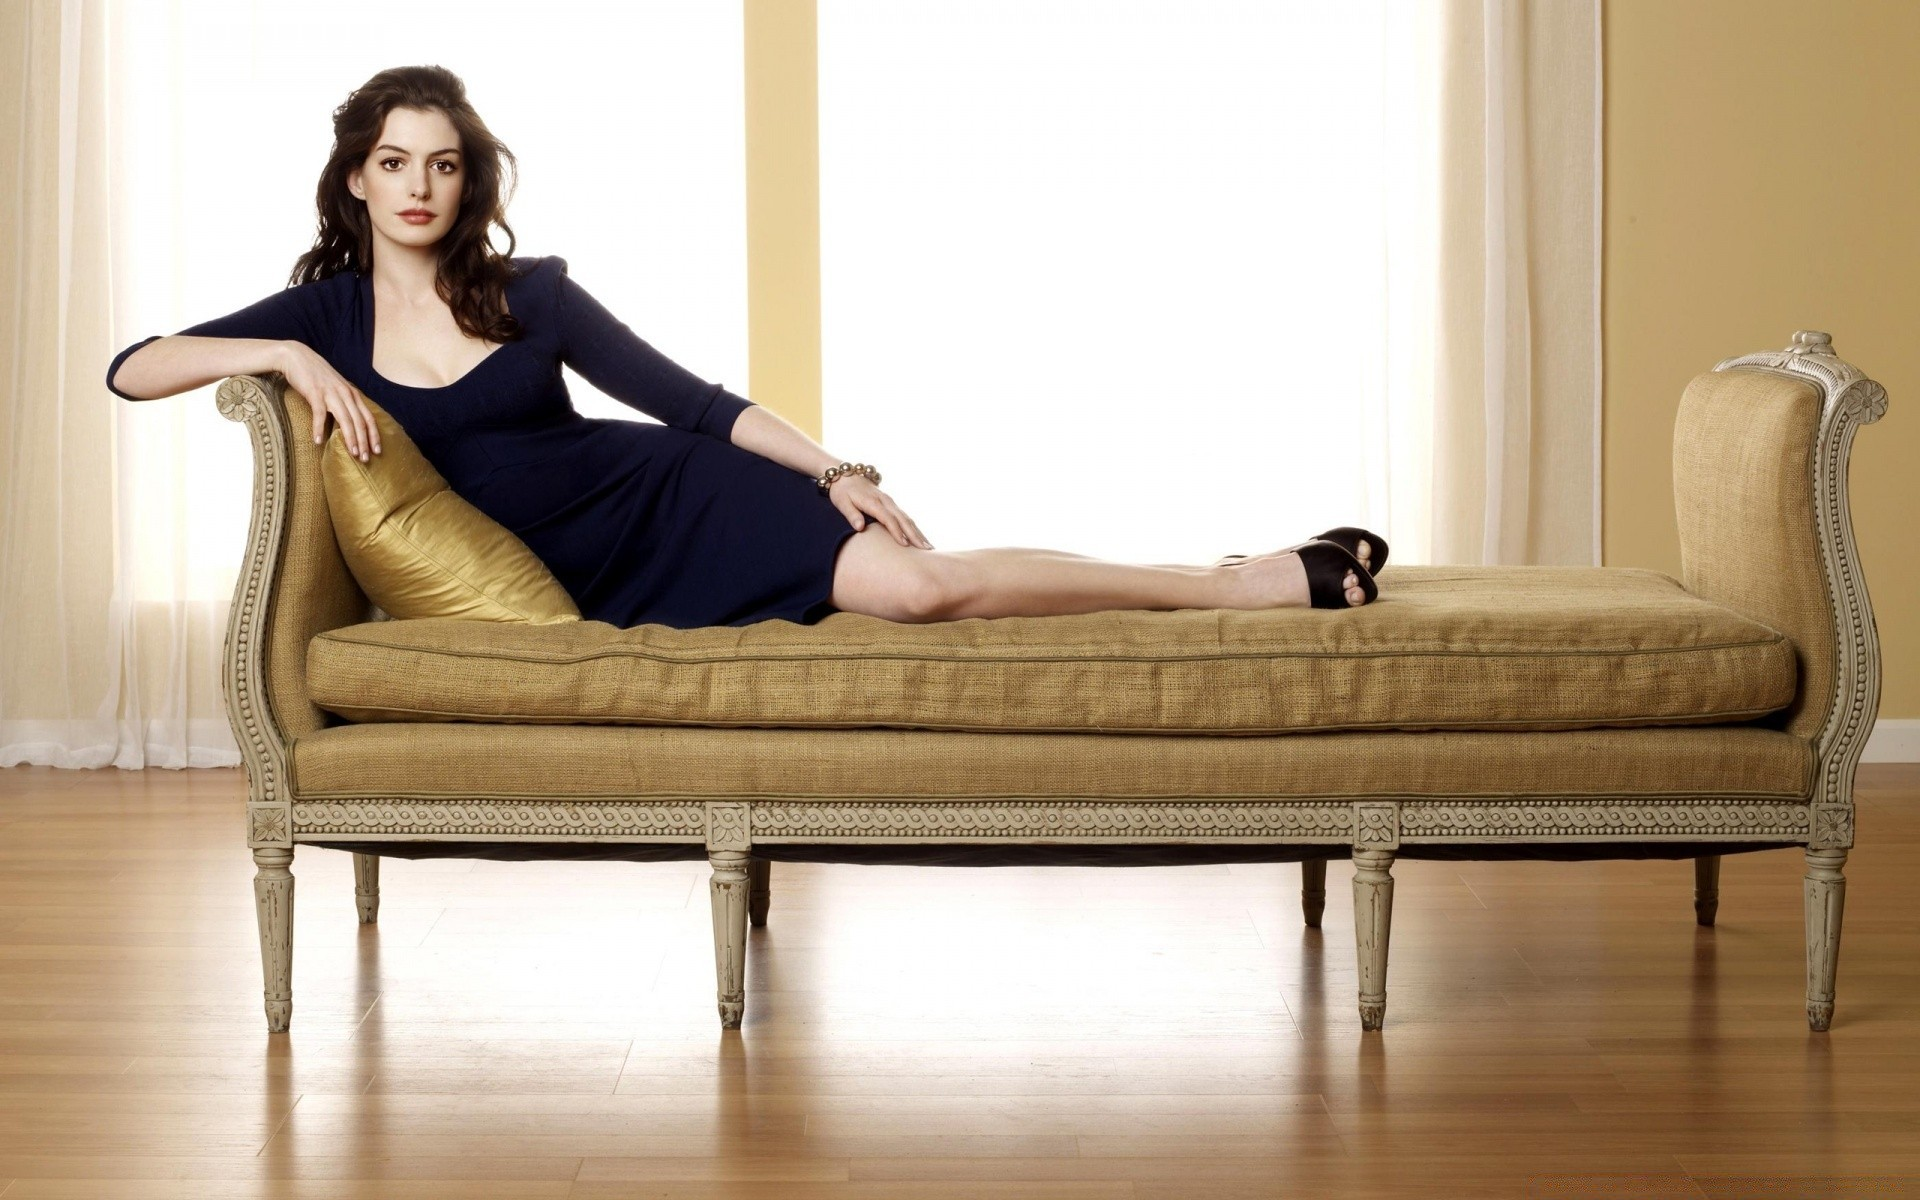 что делают девушки на диване парит сначала